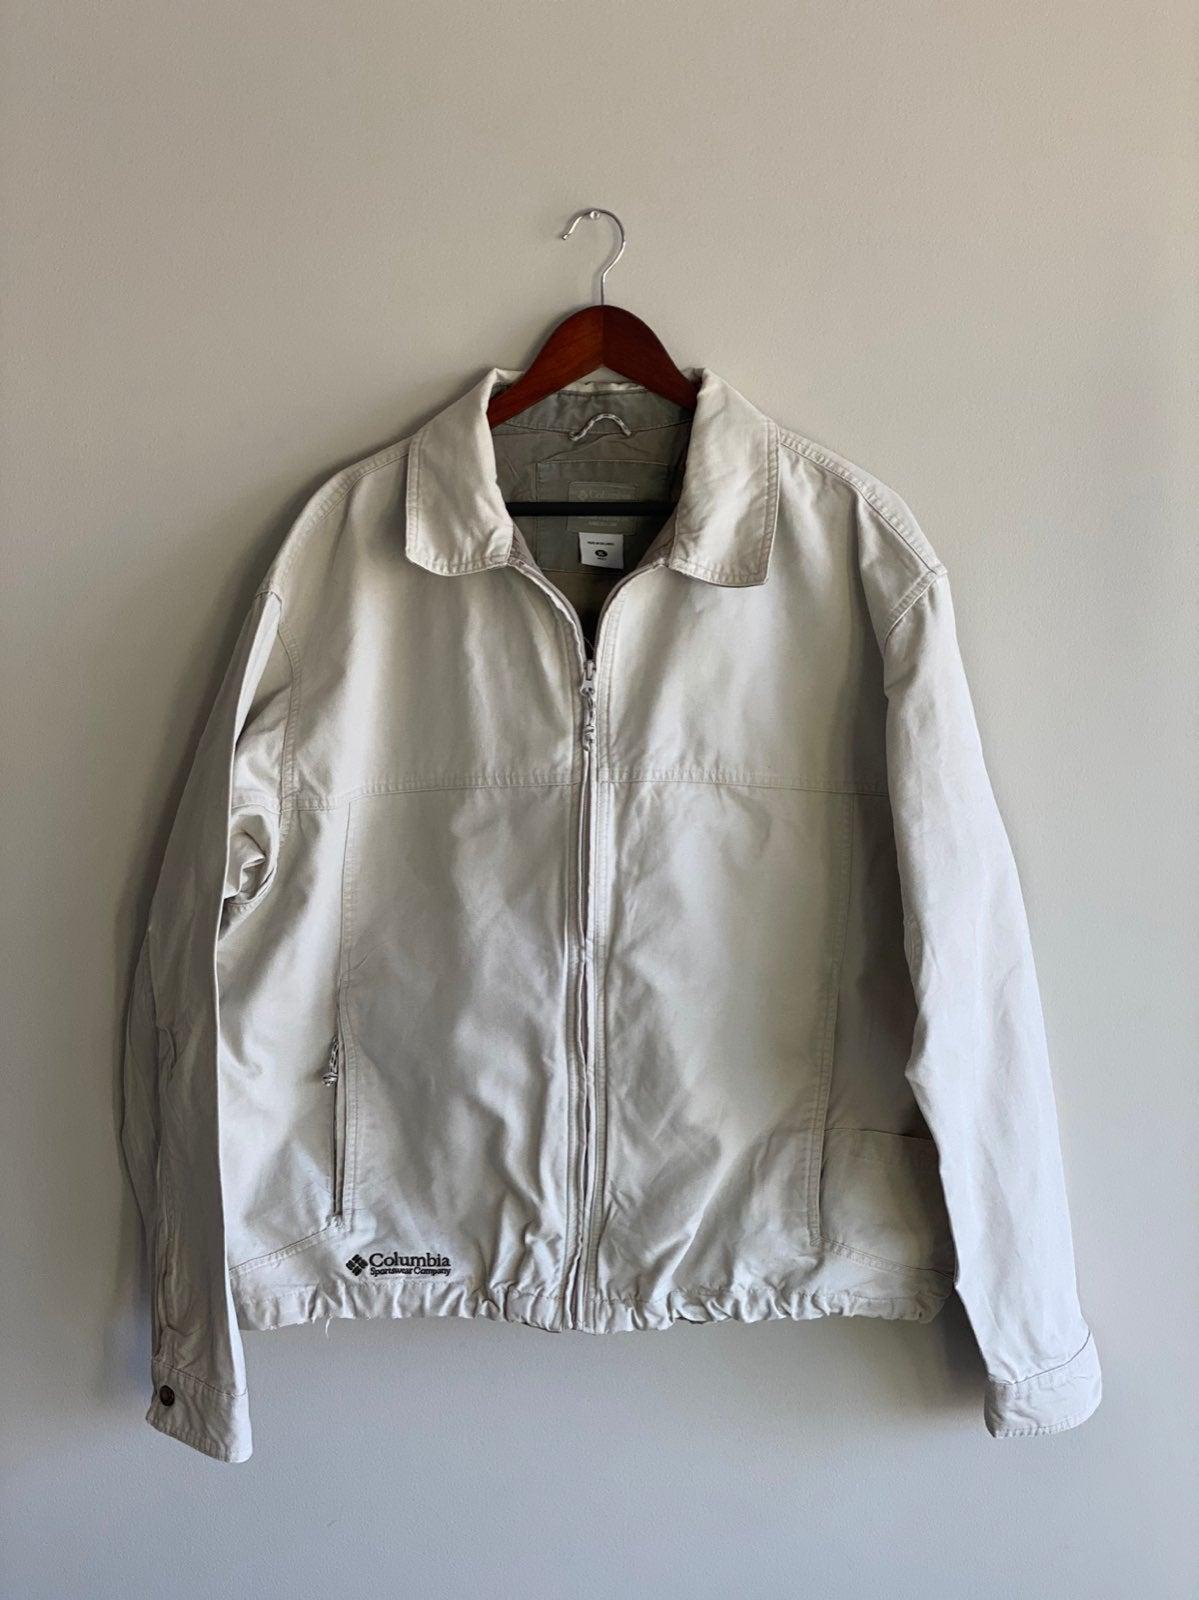 Vintage Columbia Jacket Sz XL